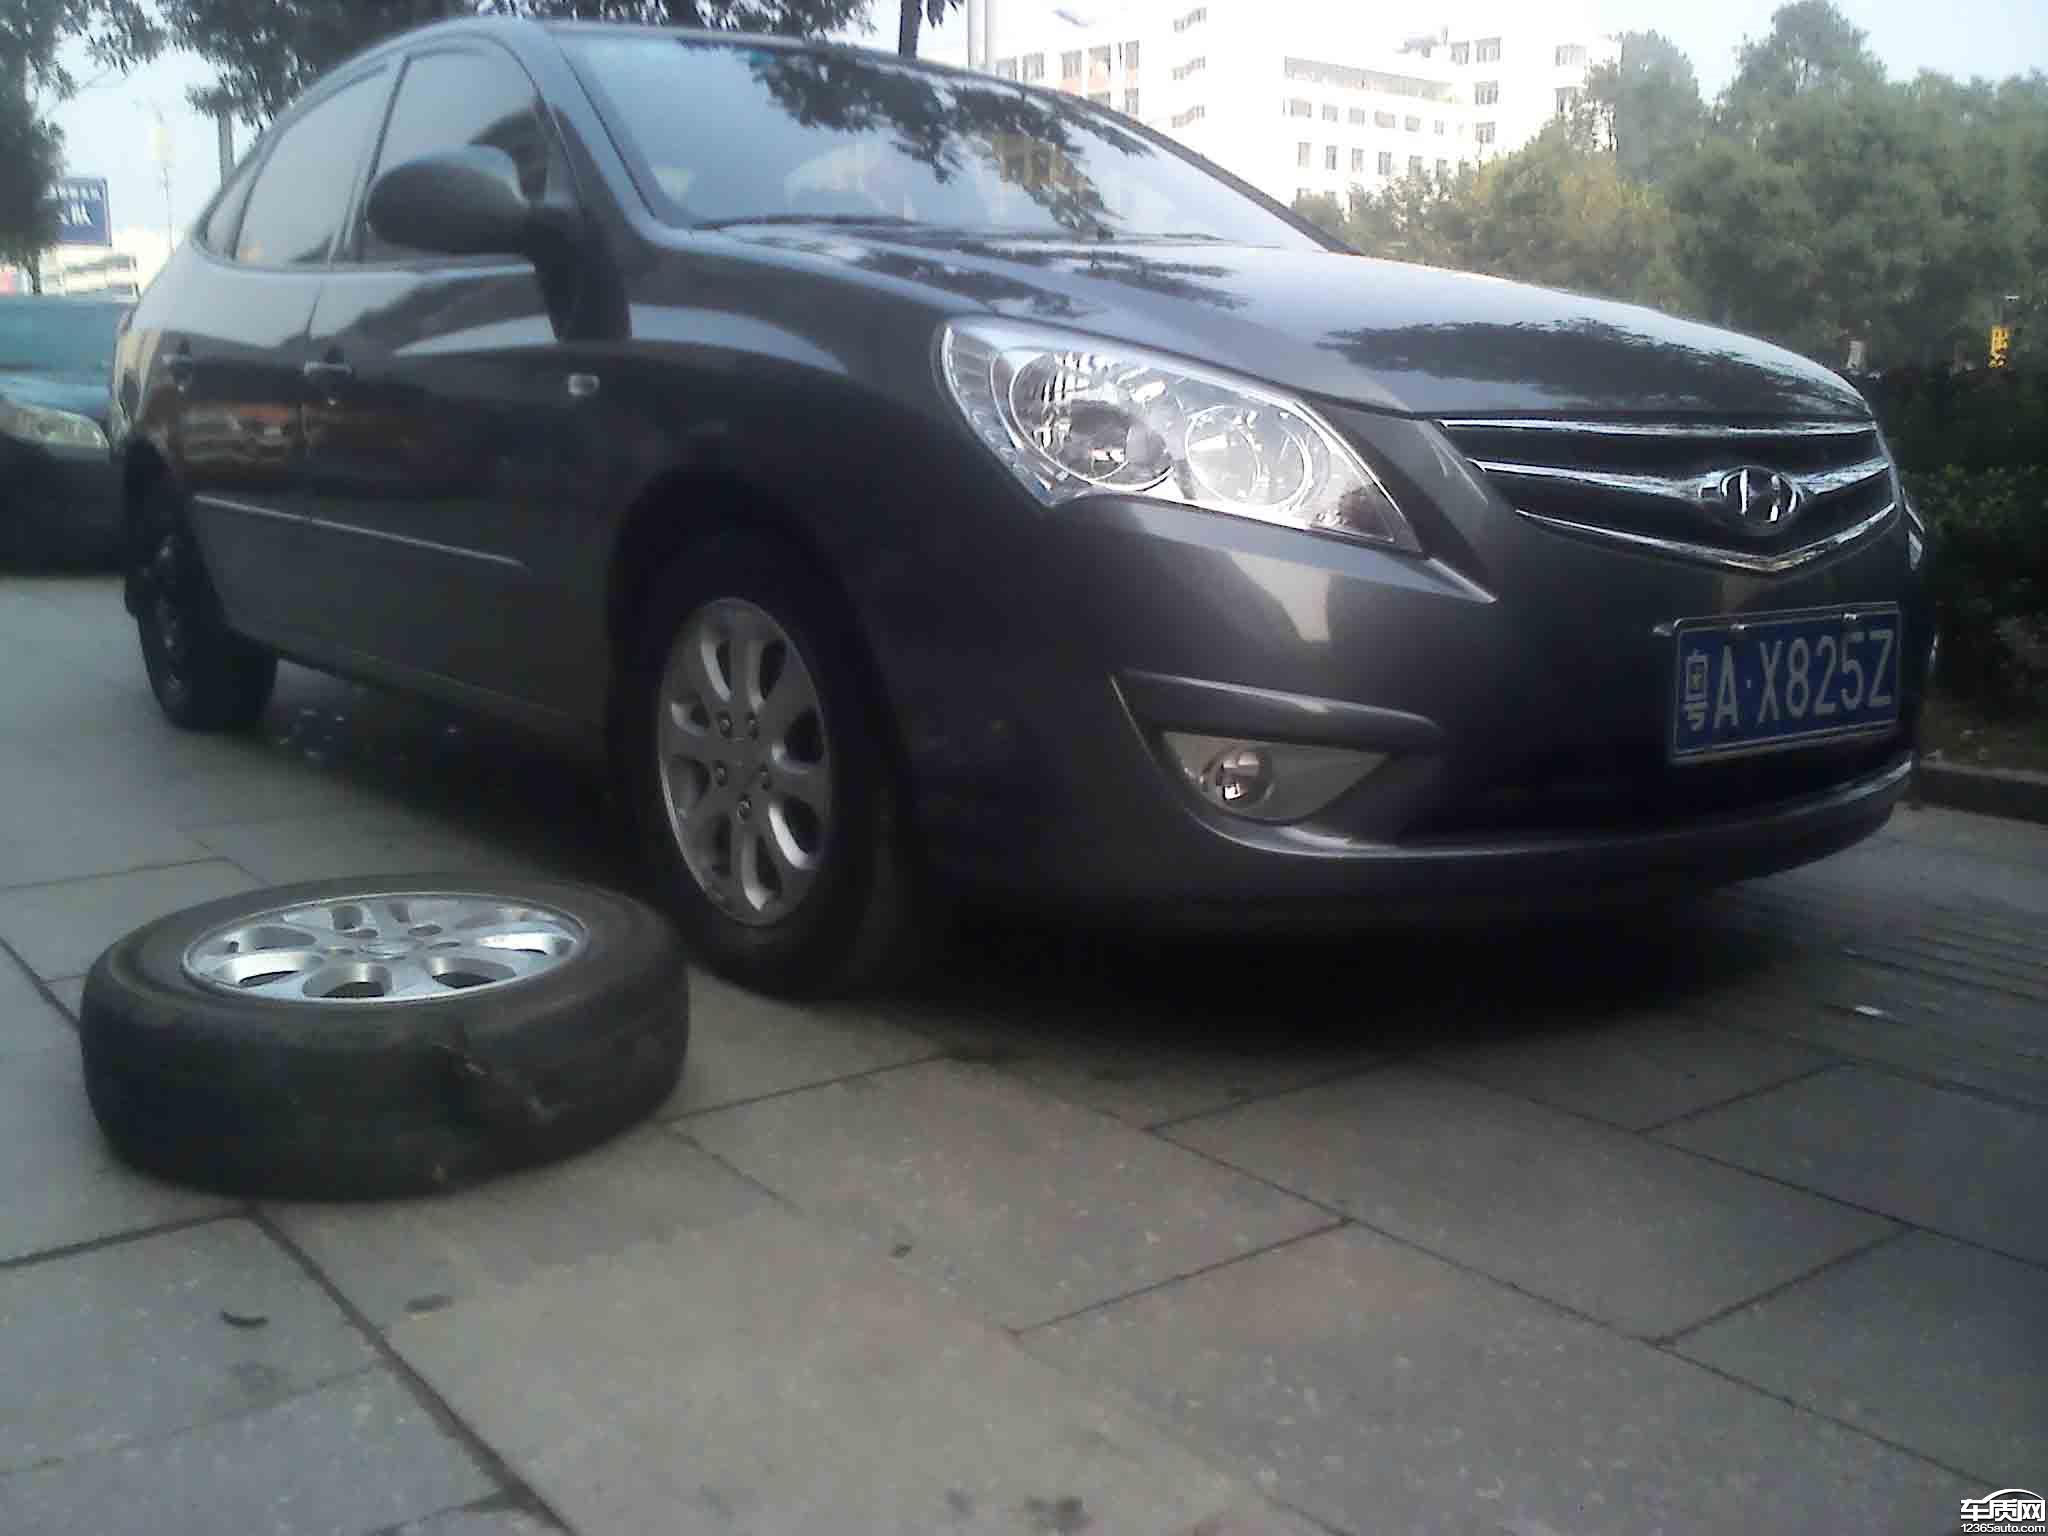 北京现代悦动锦湖轮胎在高速公路上突然爆胎高清图片